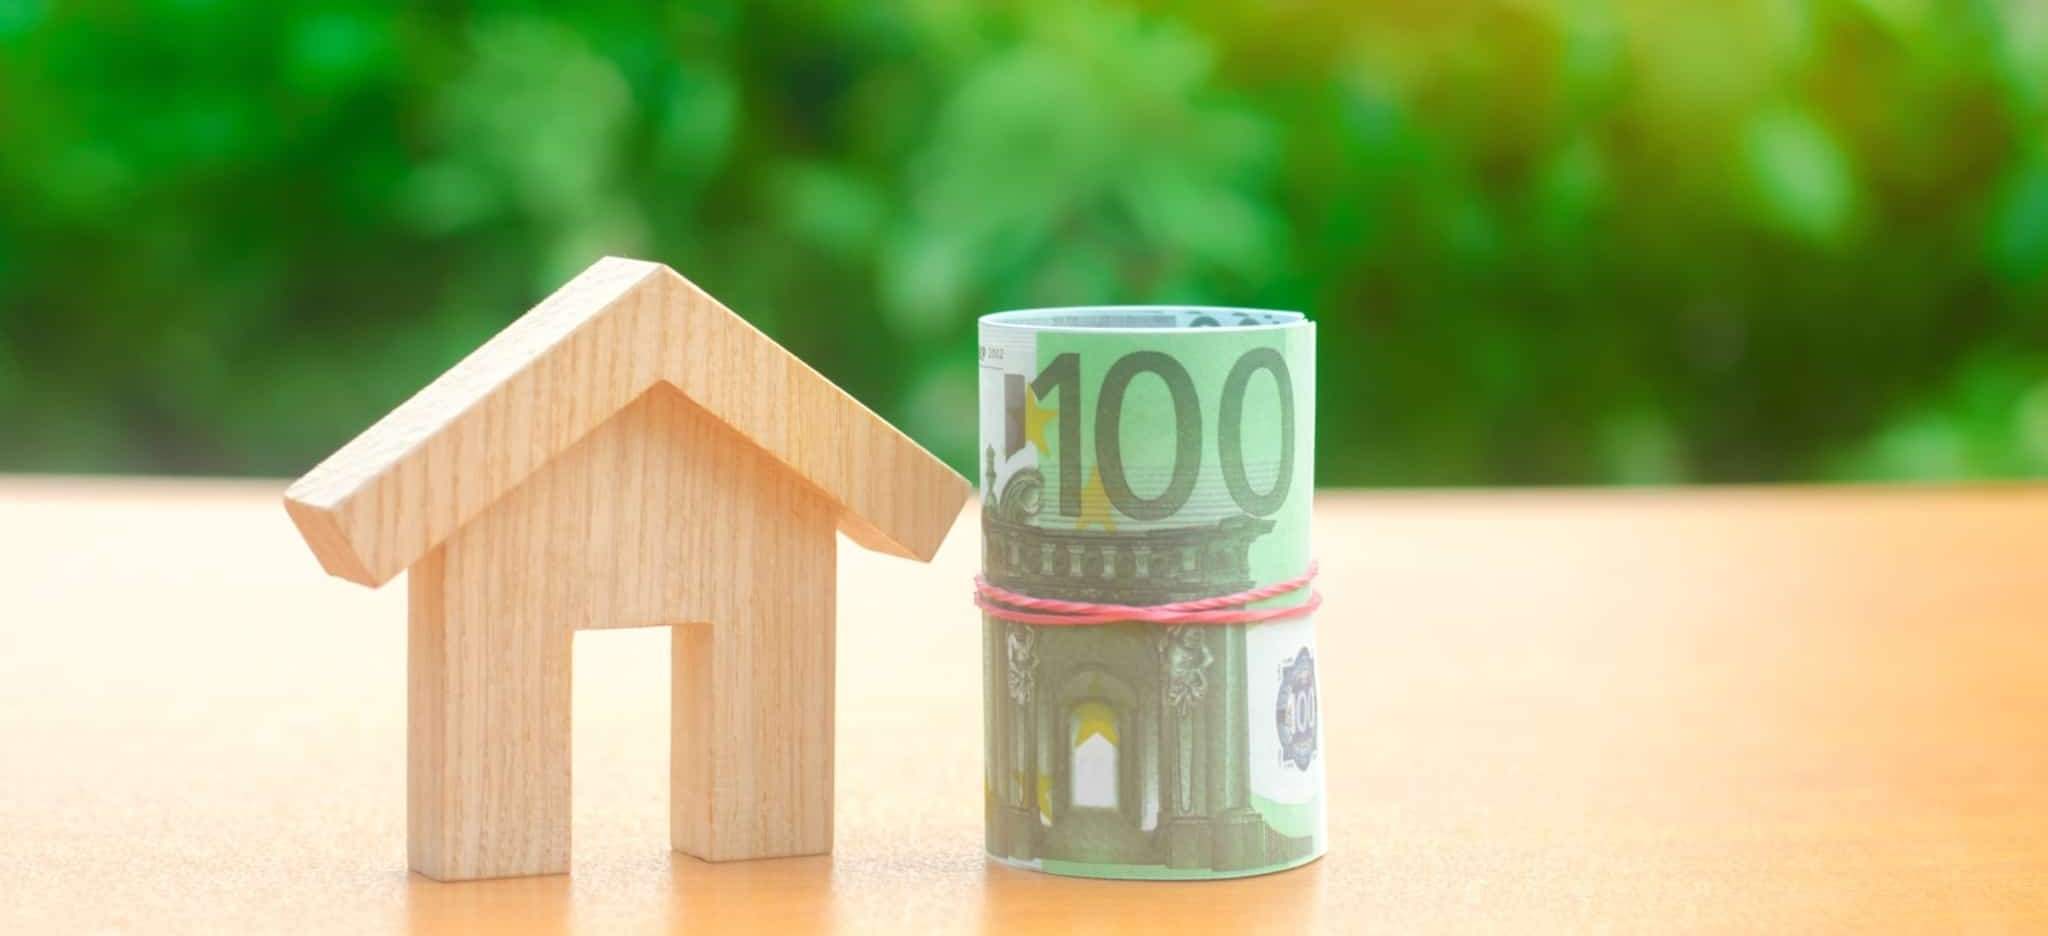 Miniatura de uma casa em madeira ao lado de um rolo de notas de 100 euros